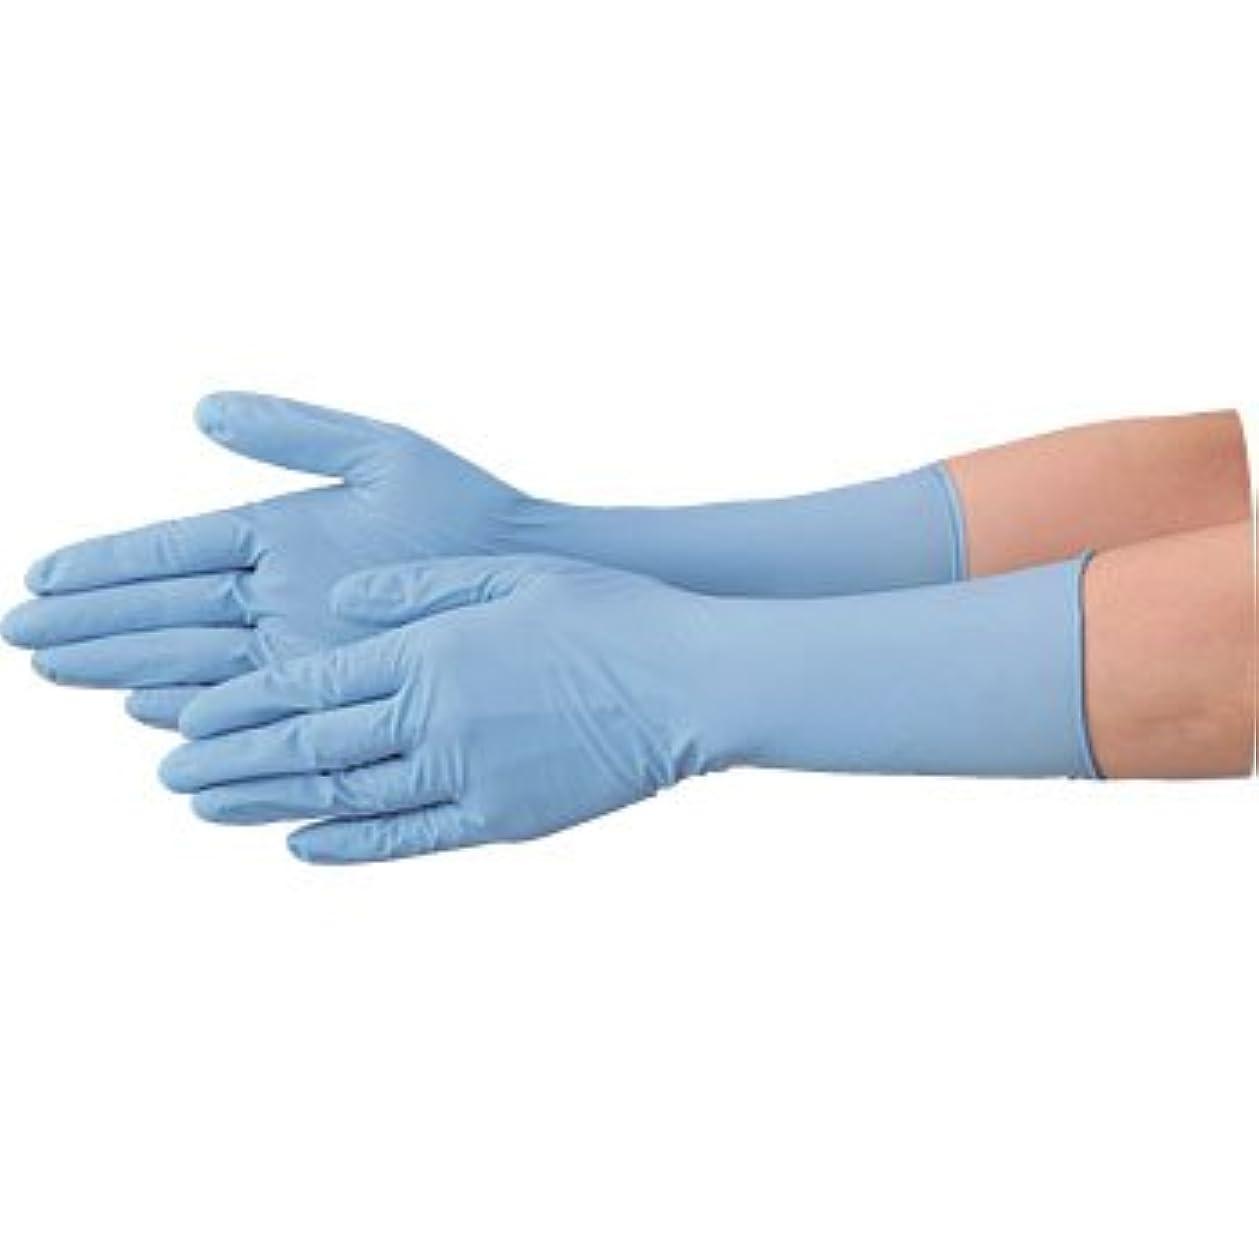 アナウンサー微生物事前に使い捨て 手袋 エブノ 528 ニトリル ロング手袋 パウダーフリー 全長29cm ブルー Sサイズ 2ケース(100枚×40箱)